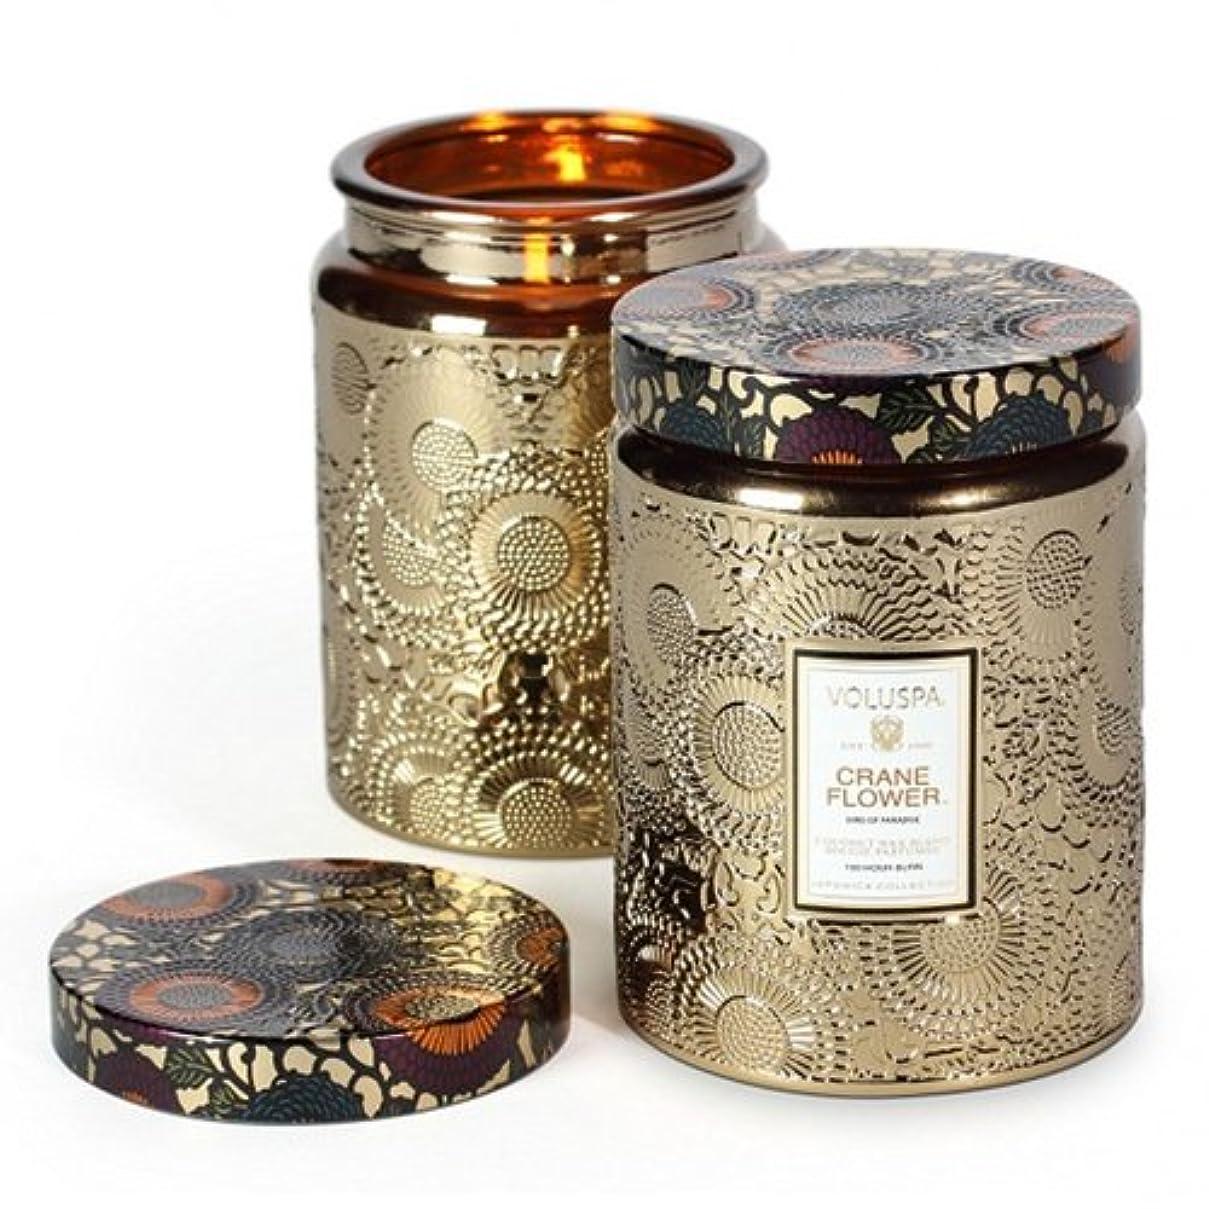 続けるケープきつくVoluspa ボルスパ ジャポニカ グラスジャーキャンドル L クレーンフラワー JAPONICA Glass jar candle CRANE FLOWER